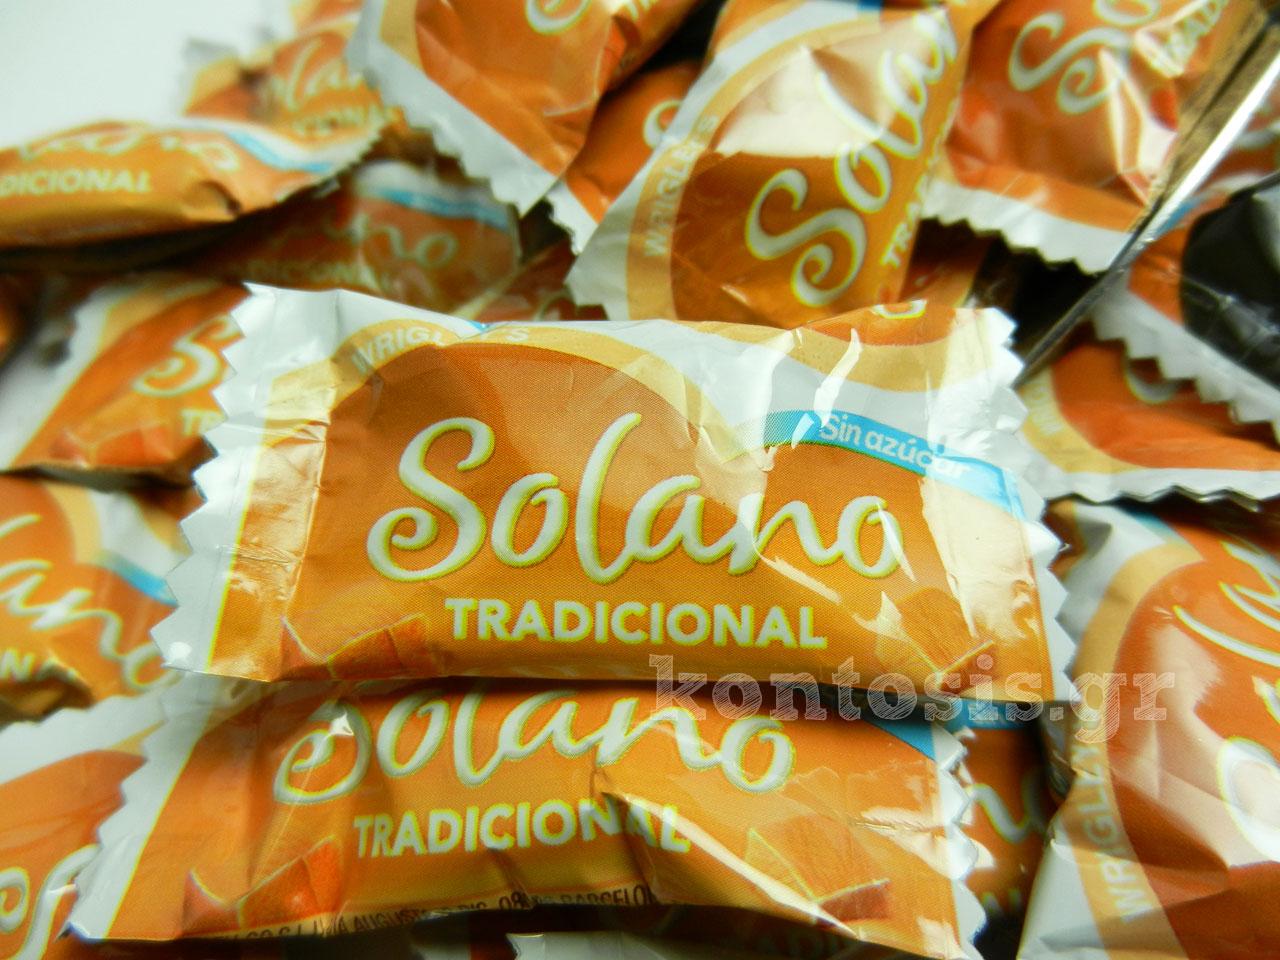 Καραμέλες βουτύρου χωρίς ζάχαρη solano